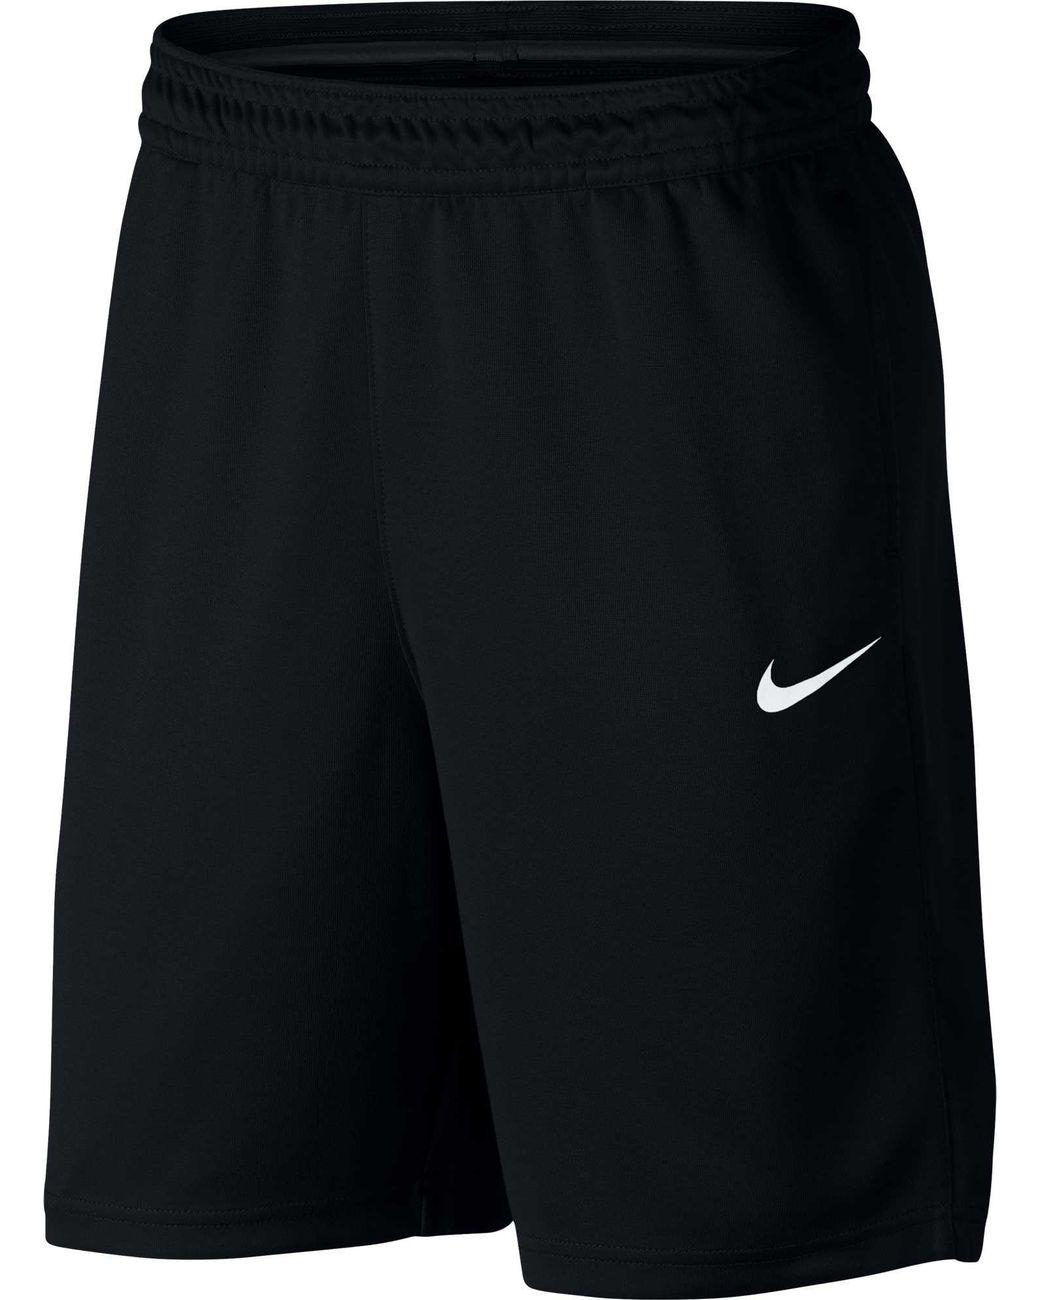 154e42bbff7f Lyst - Nike Spotlight Basketball Shorts in Black for Men